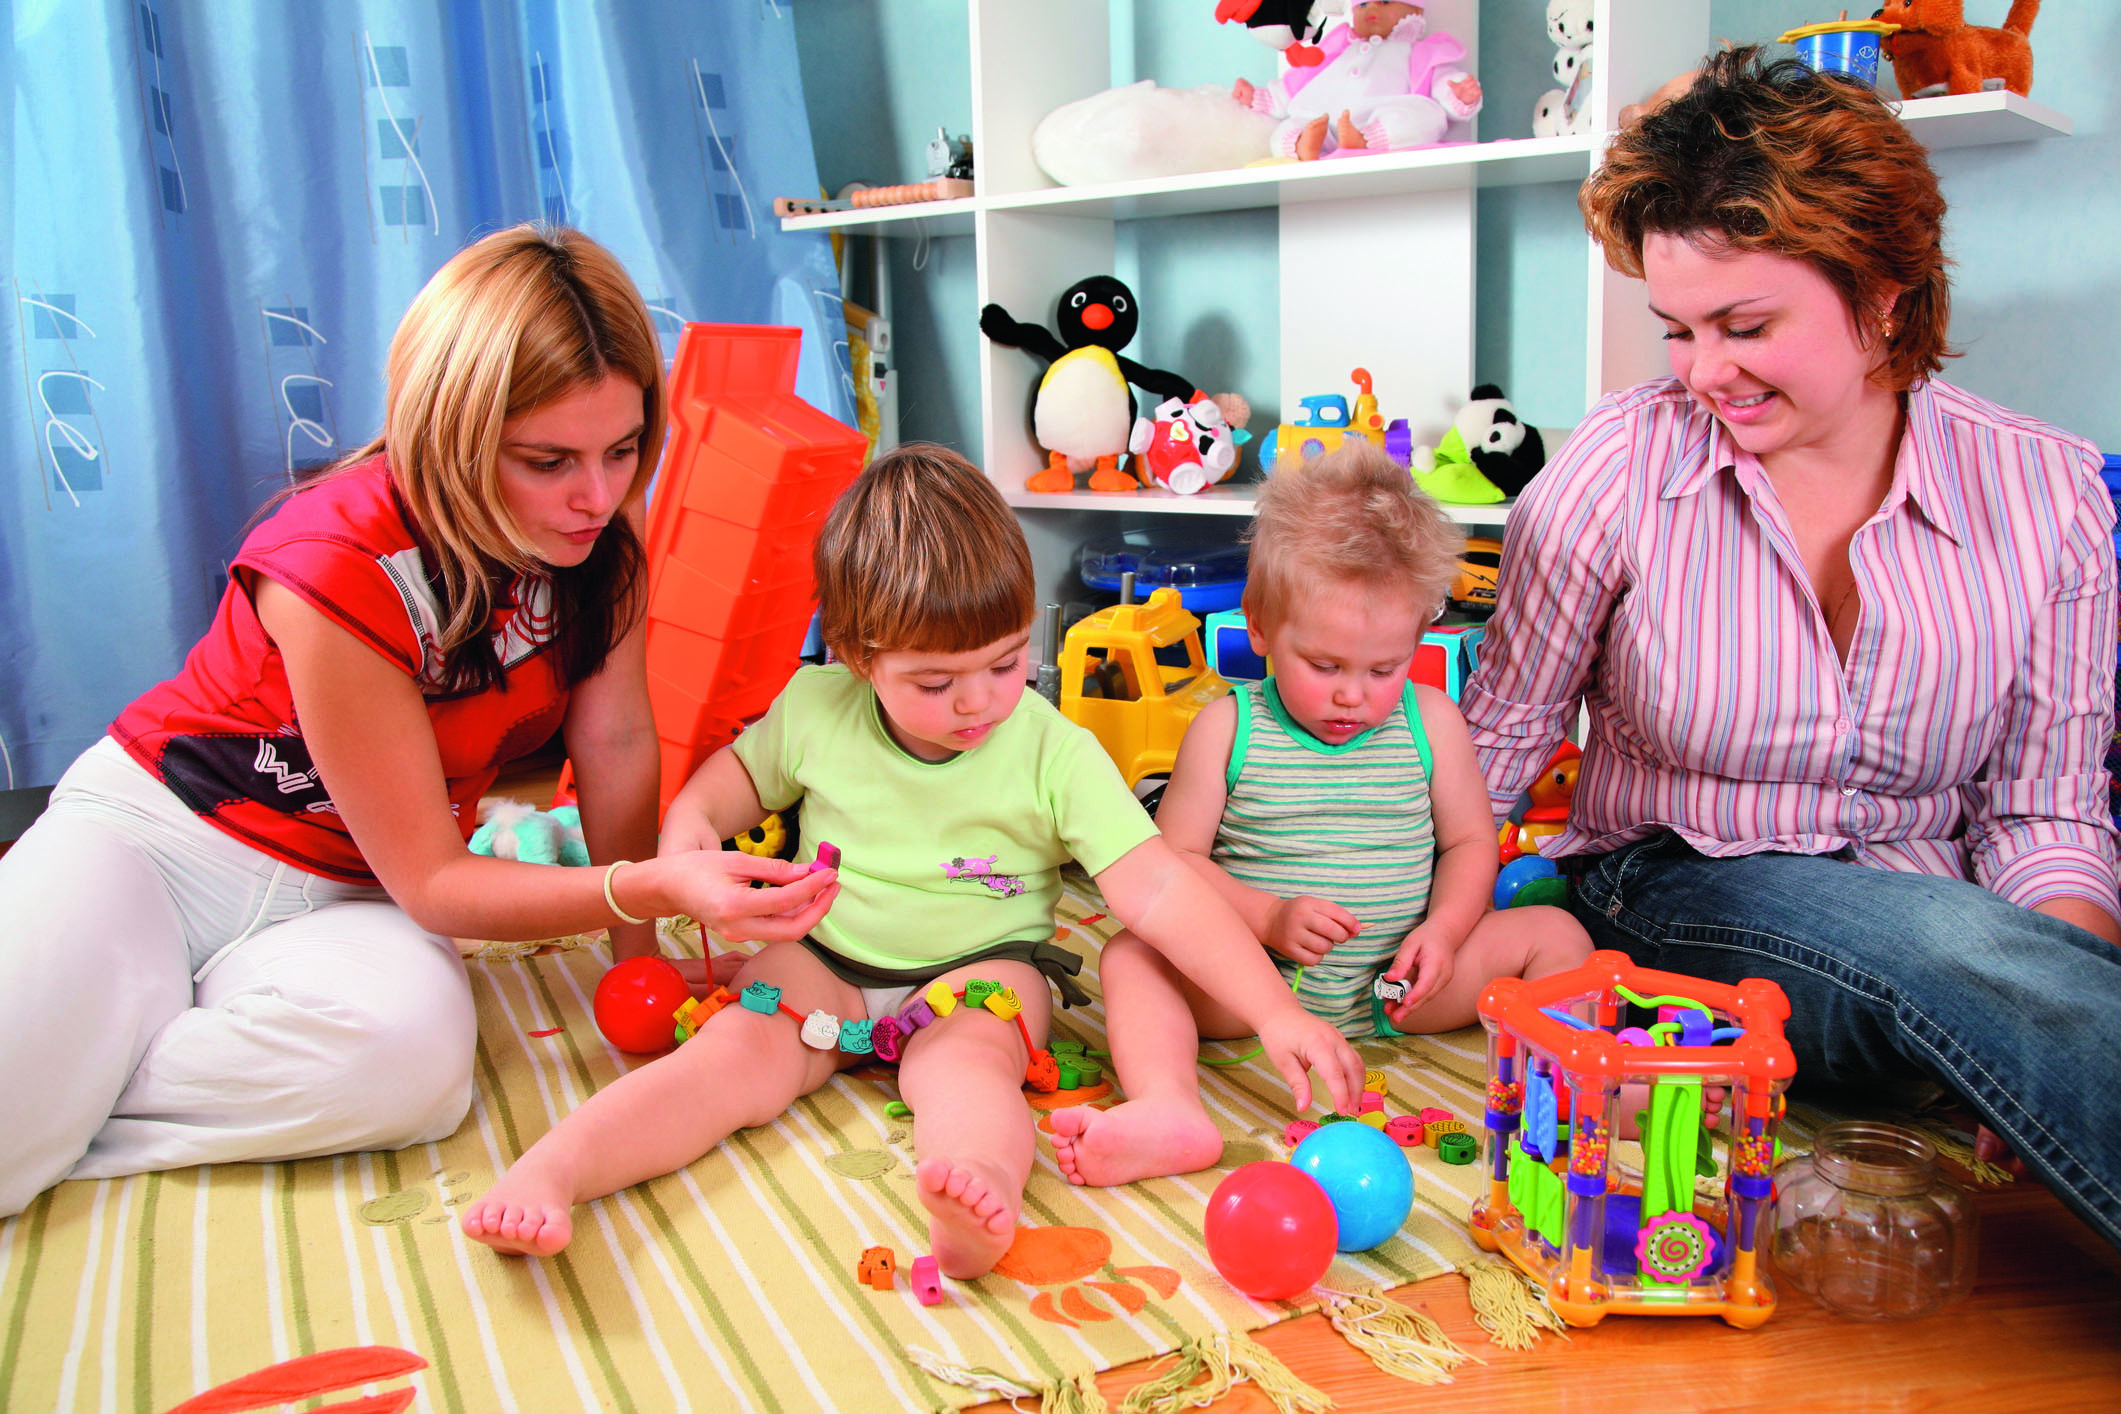 Nursery child care